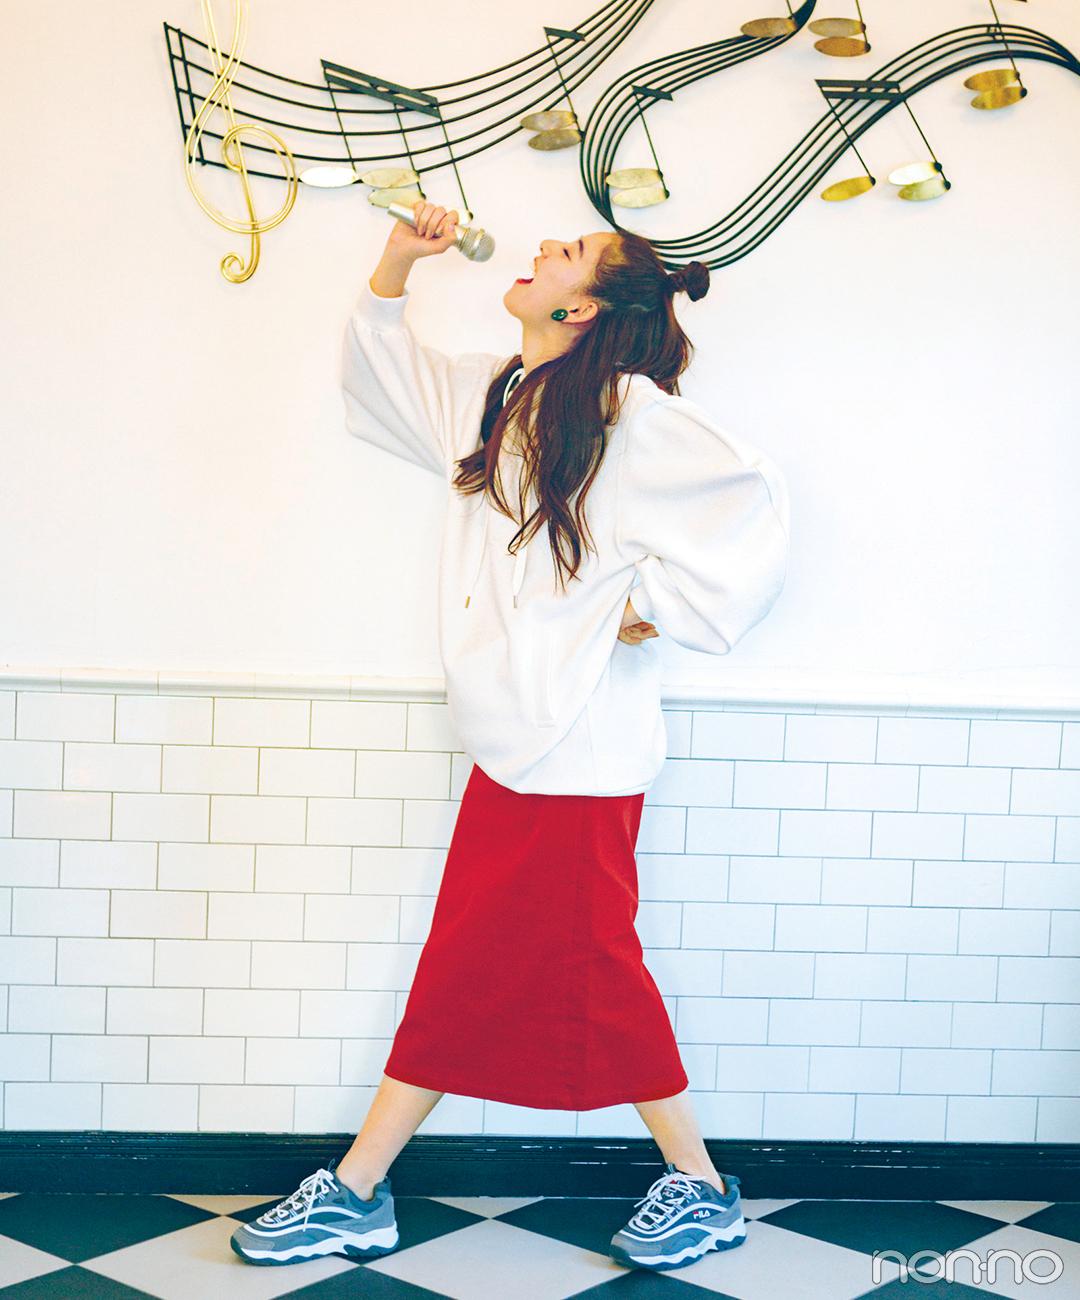 新木優子は赤のロングタイトスカートで、ハッピー感満点コーデ!【毎日コーデ】_1_1